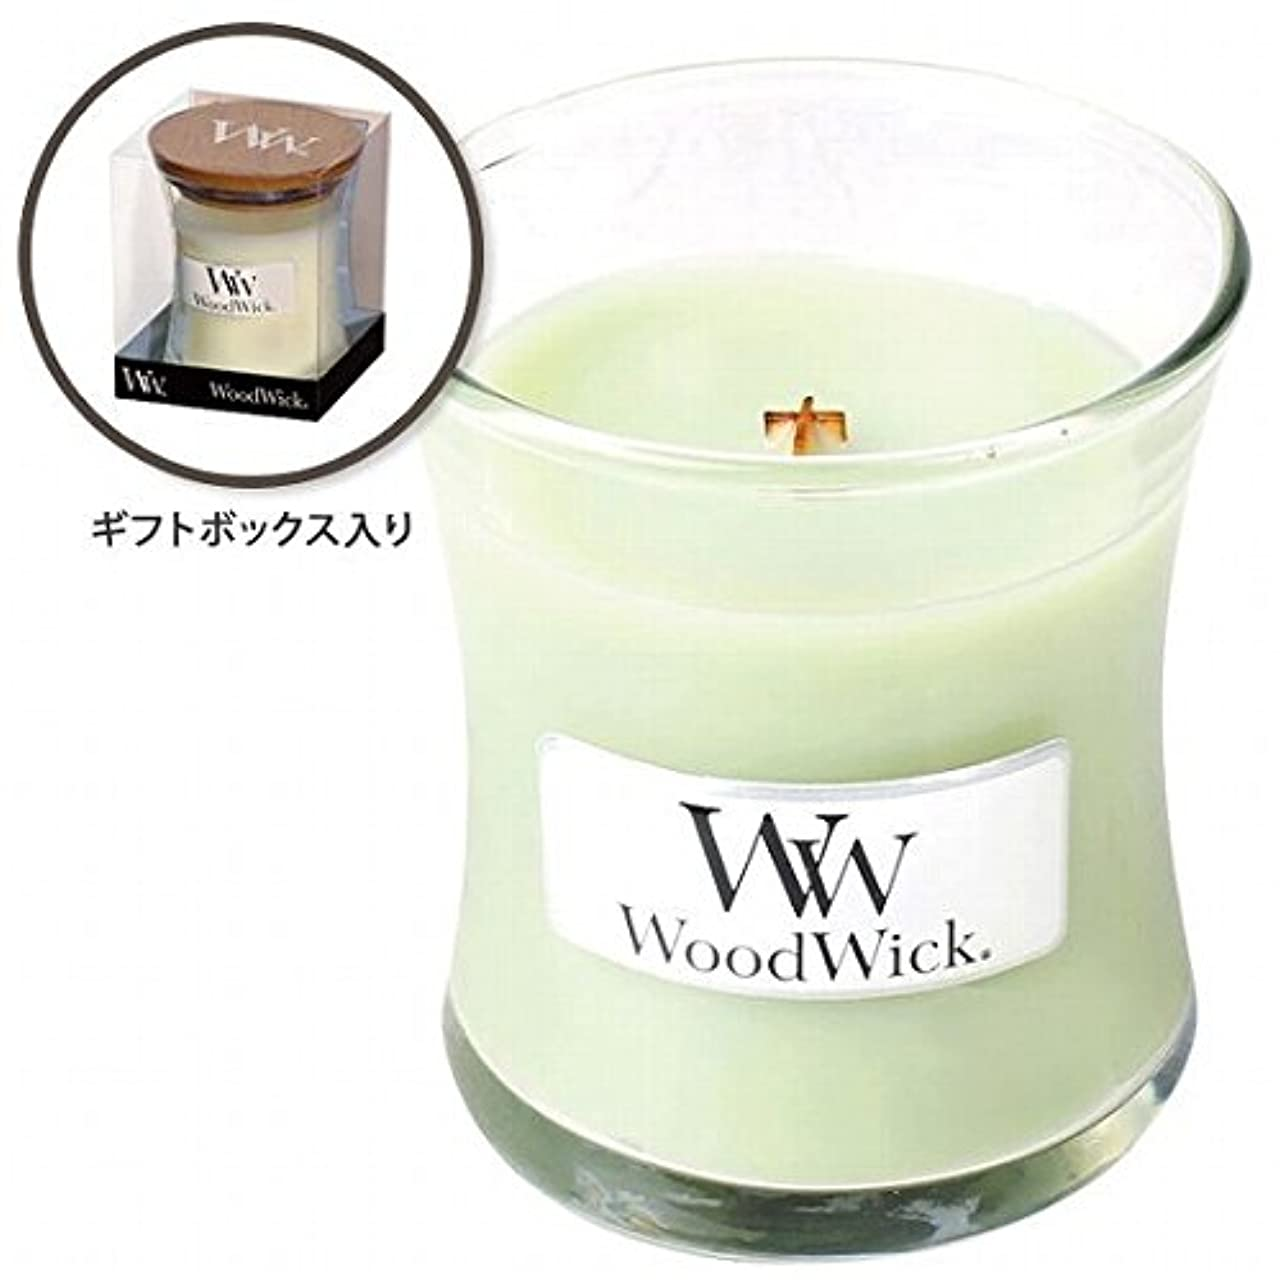 滴下精神医学自動車WoodWick(ウッドウィック) Wood WickジャーS 「ライムジェラート」(W9000561)